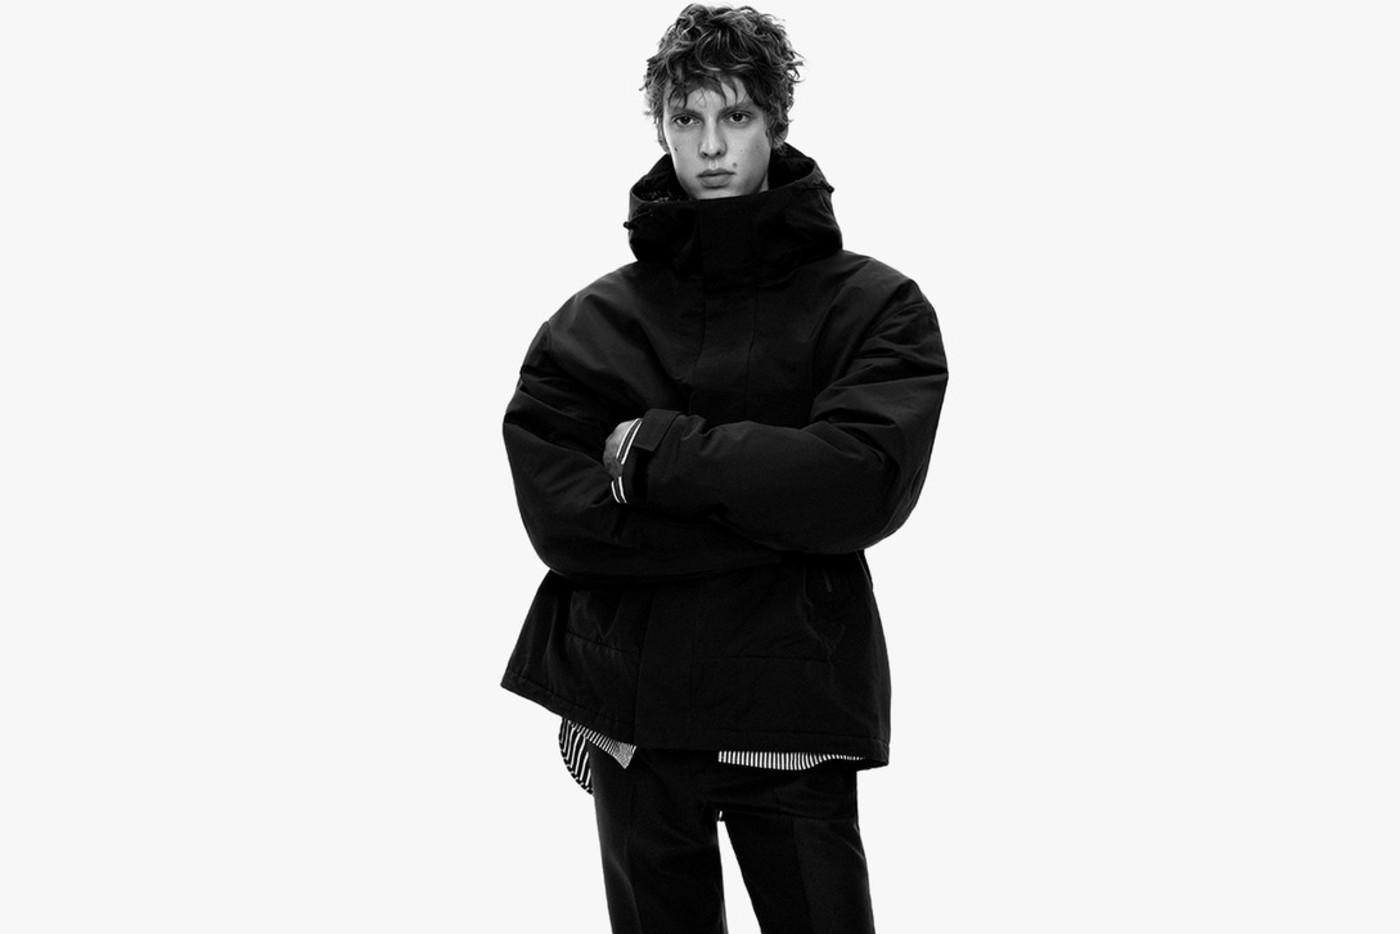 uniqlo-j-jil-sander-fall-winter-2020-release-details-01